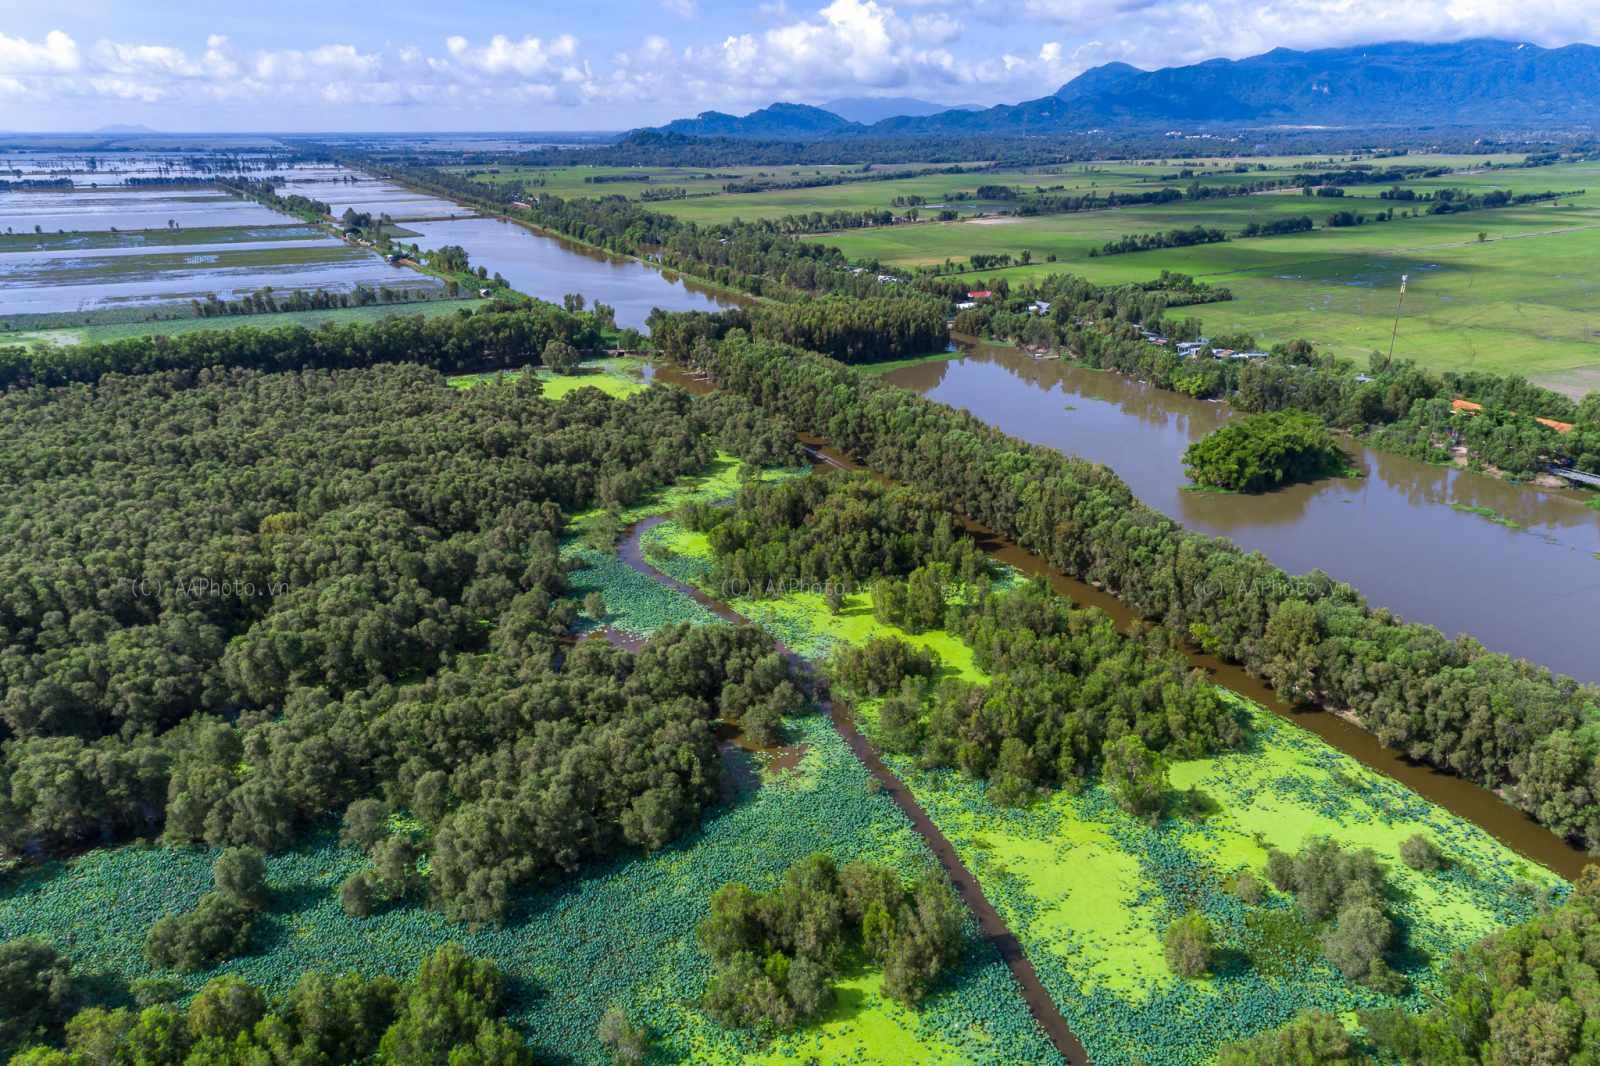 Rừng tràm Trà Sư - điểm đến tour An Giang cực kỳ nổi tiếng hiện nay.